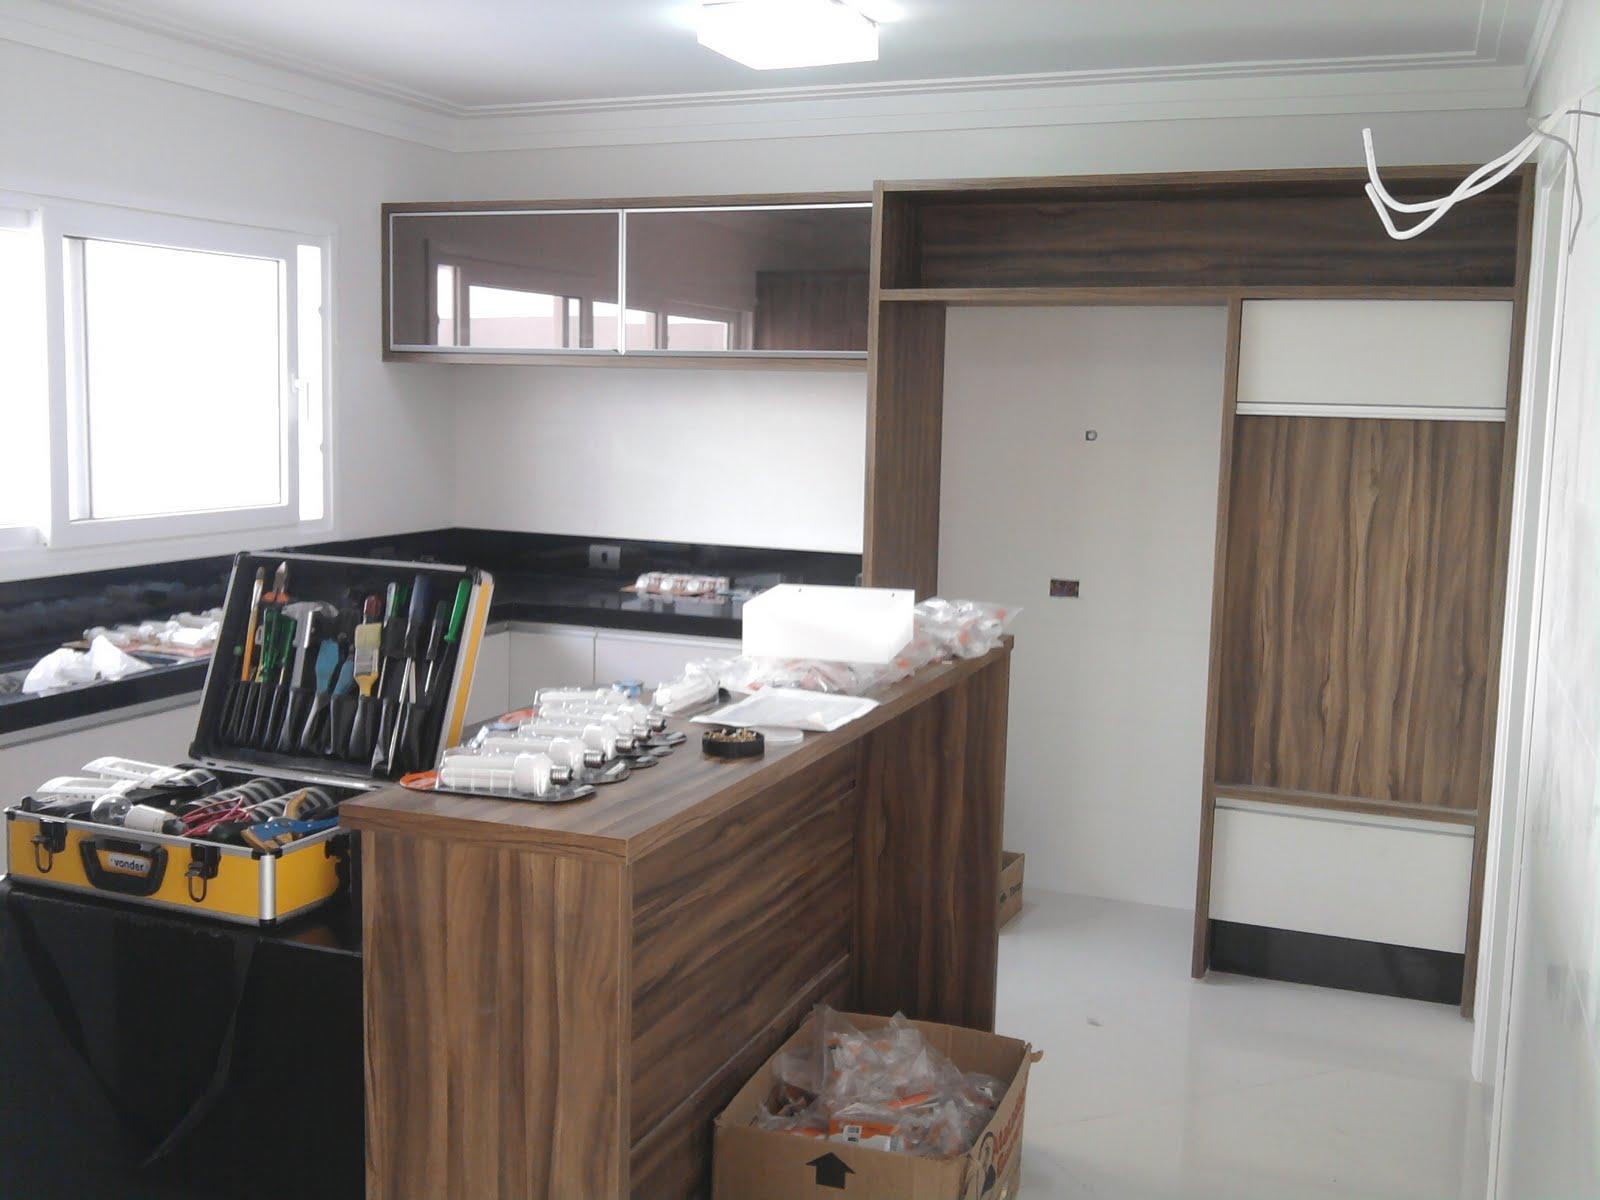 Ao Cubo Projetos: Cozinha Americana #A57726 1600 1200